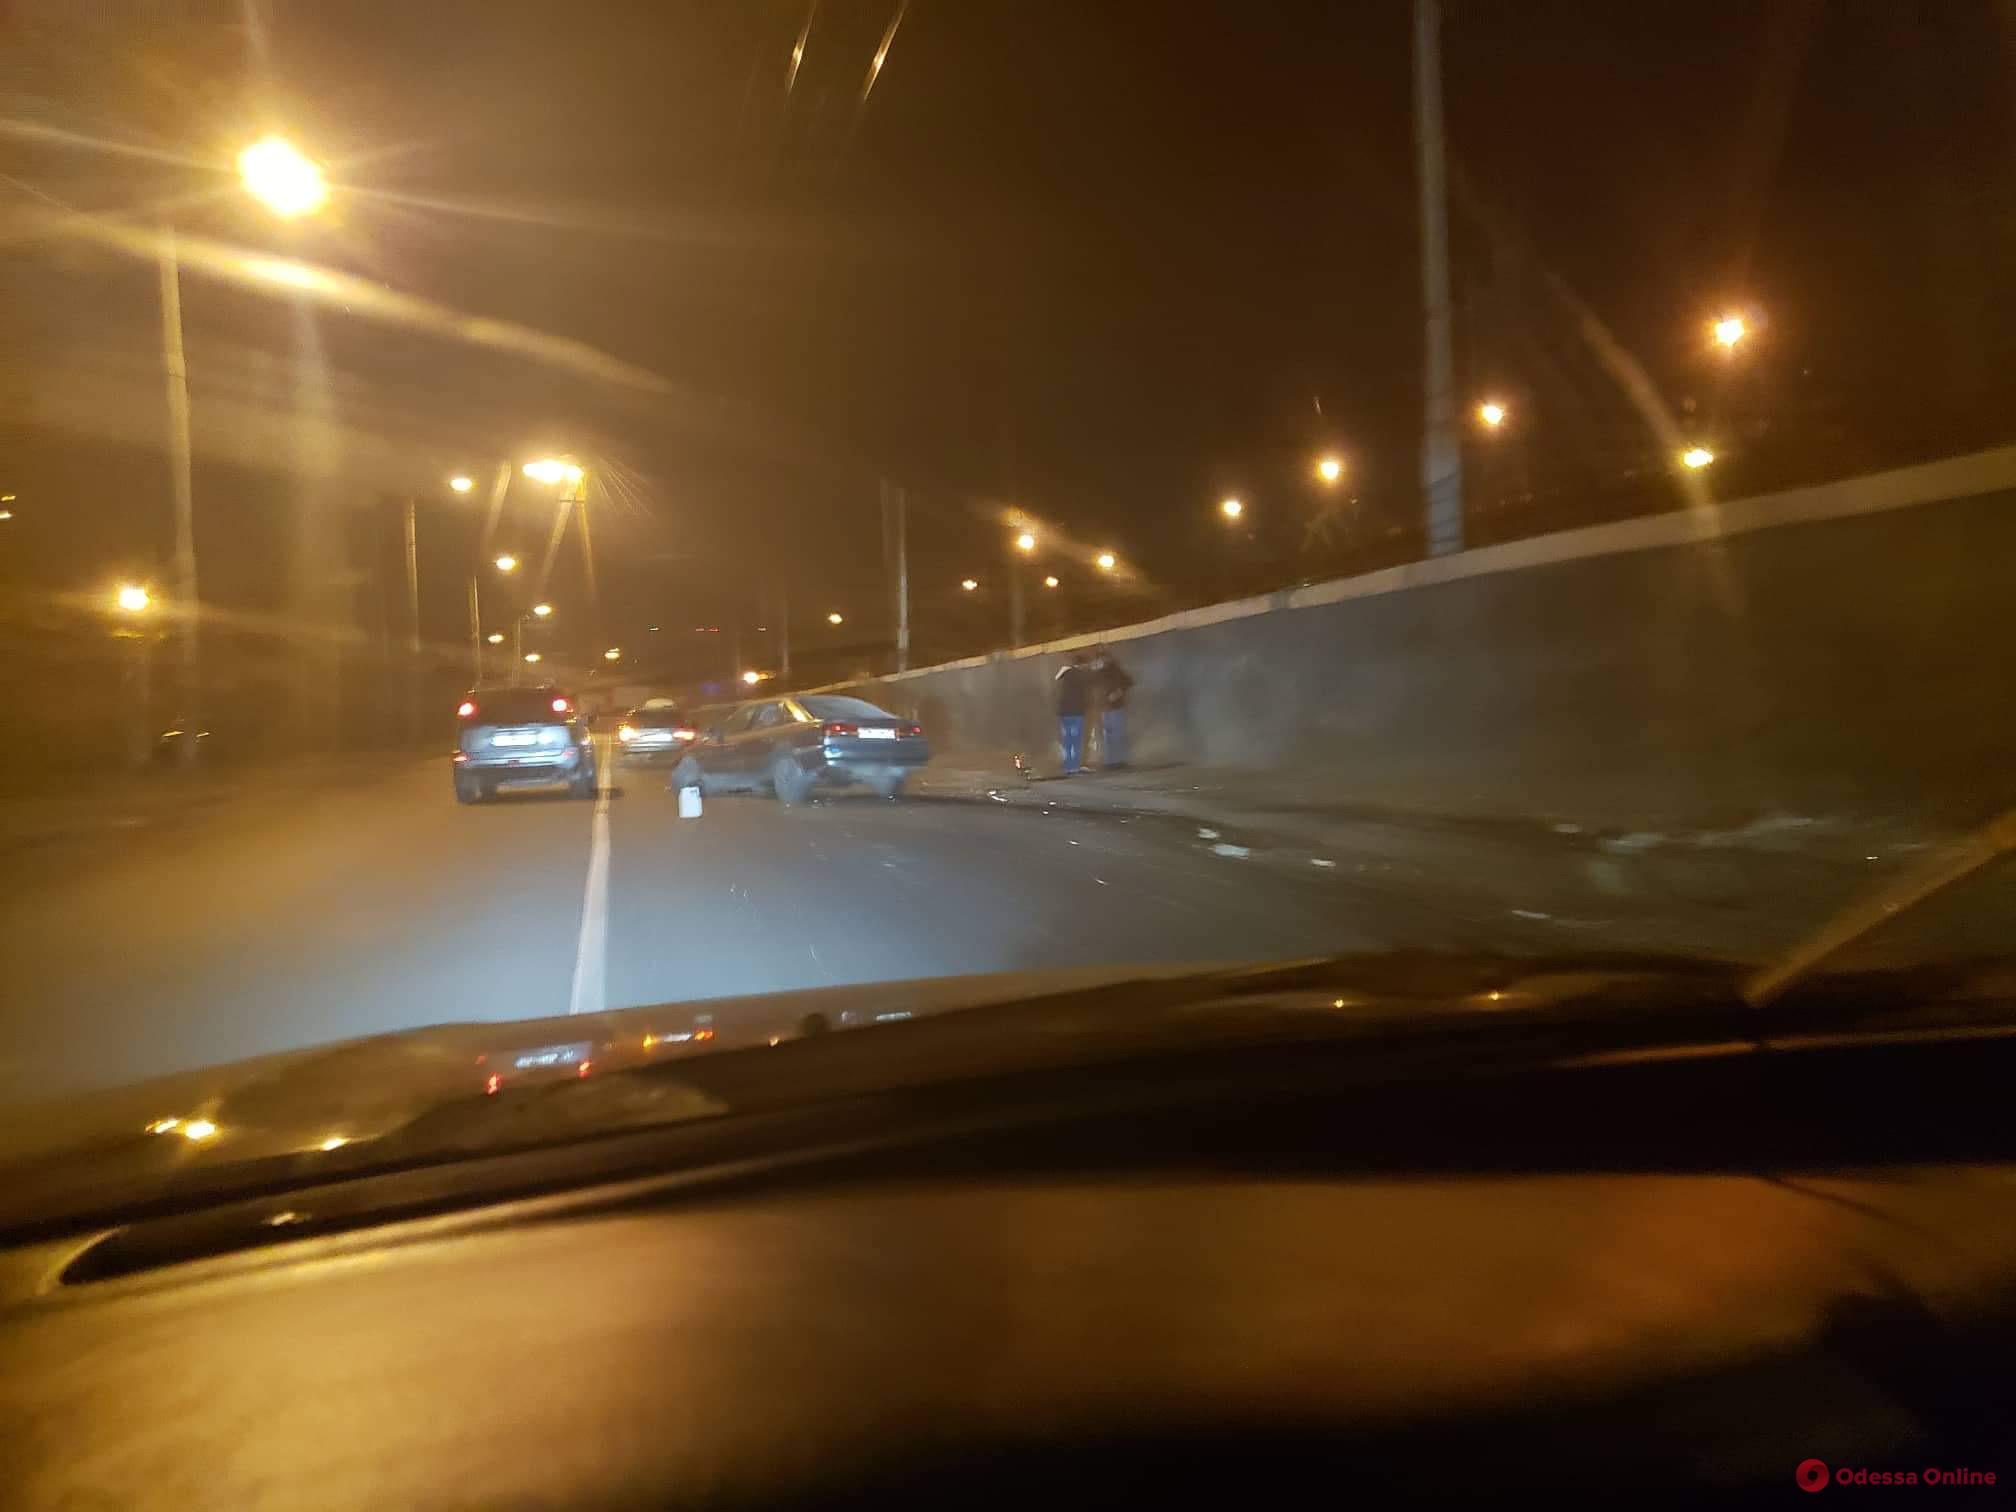 Одесса: возле морвокзала автомобиль врезался в стену